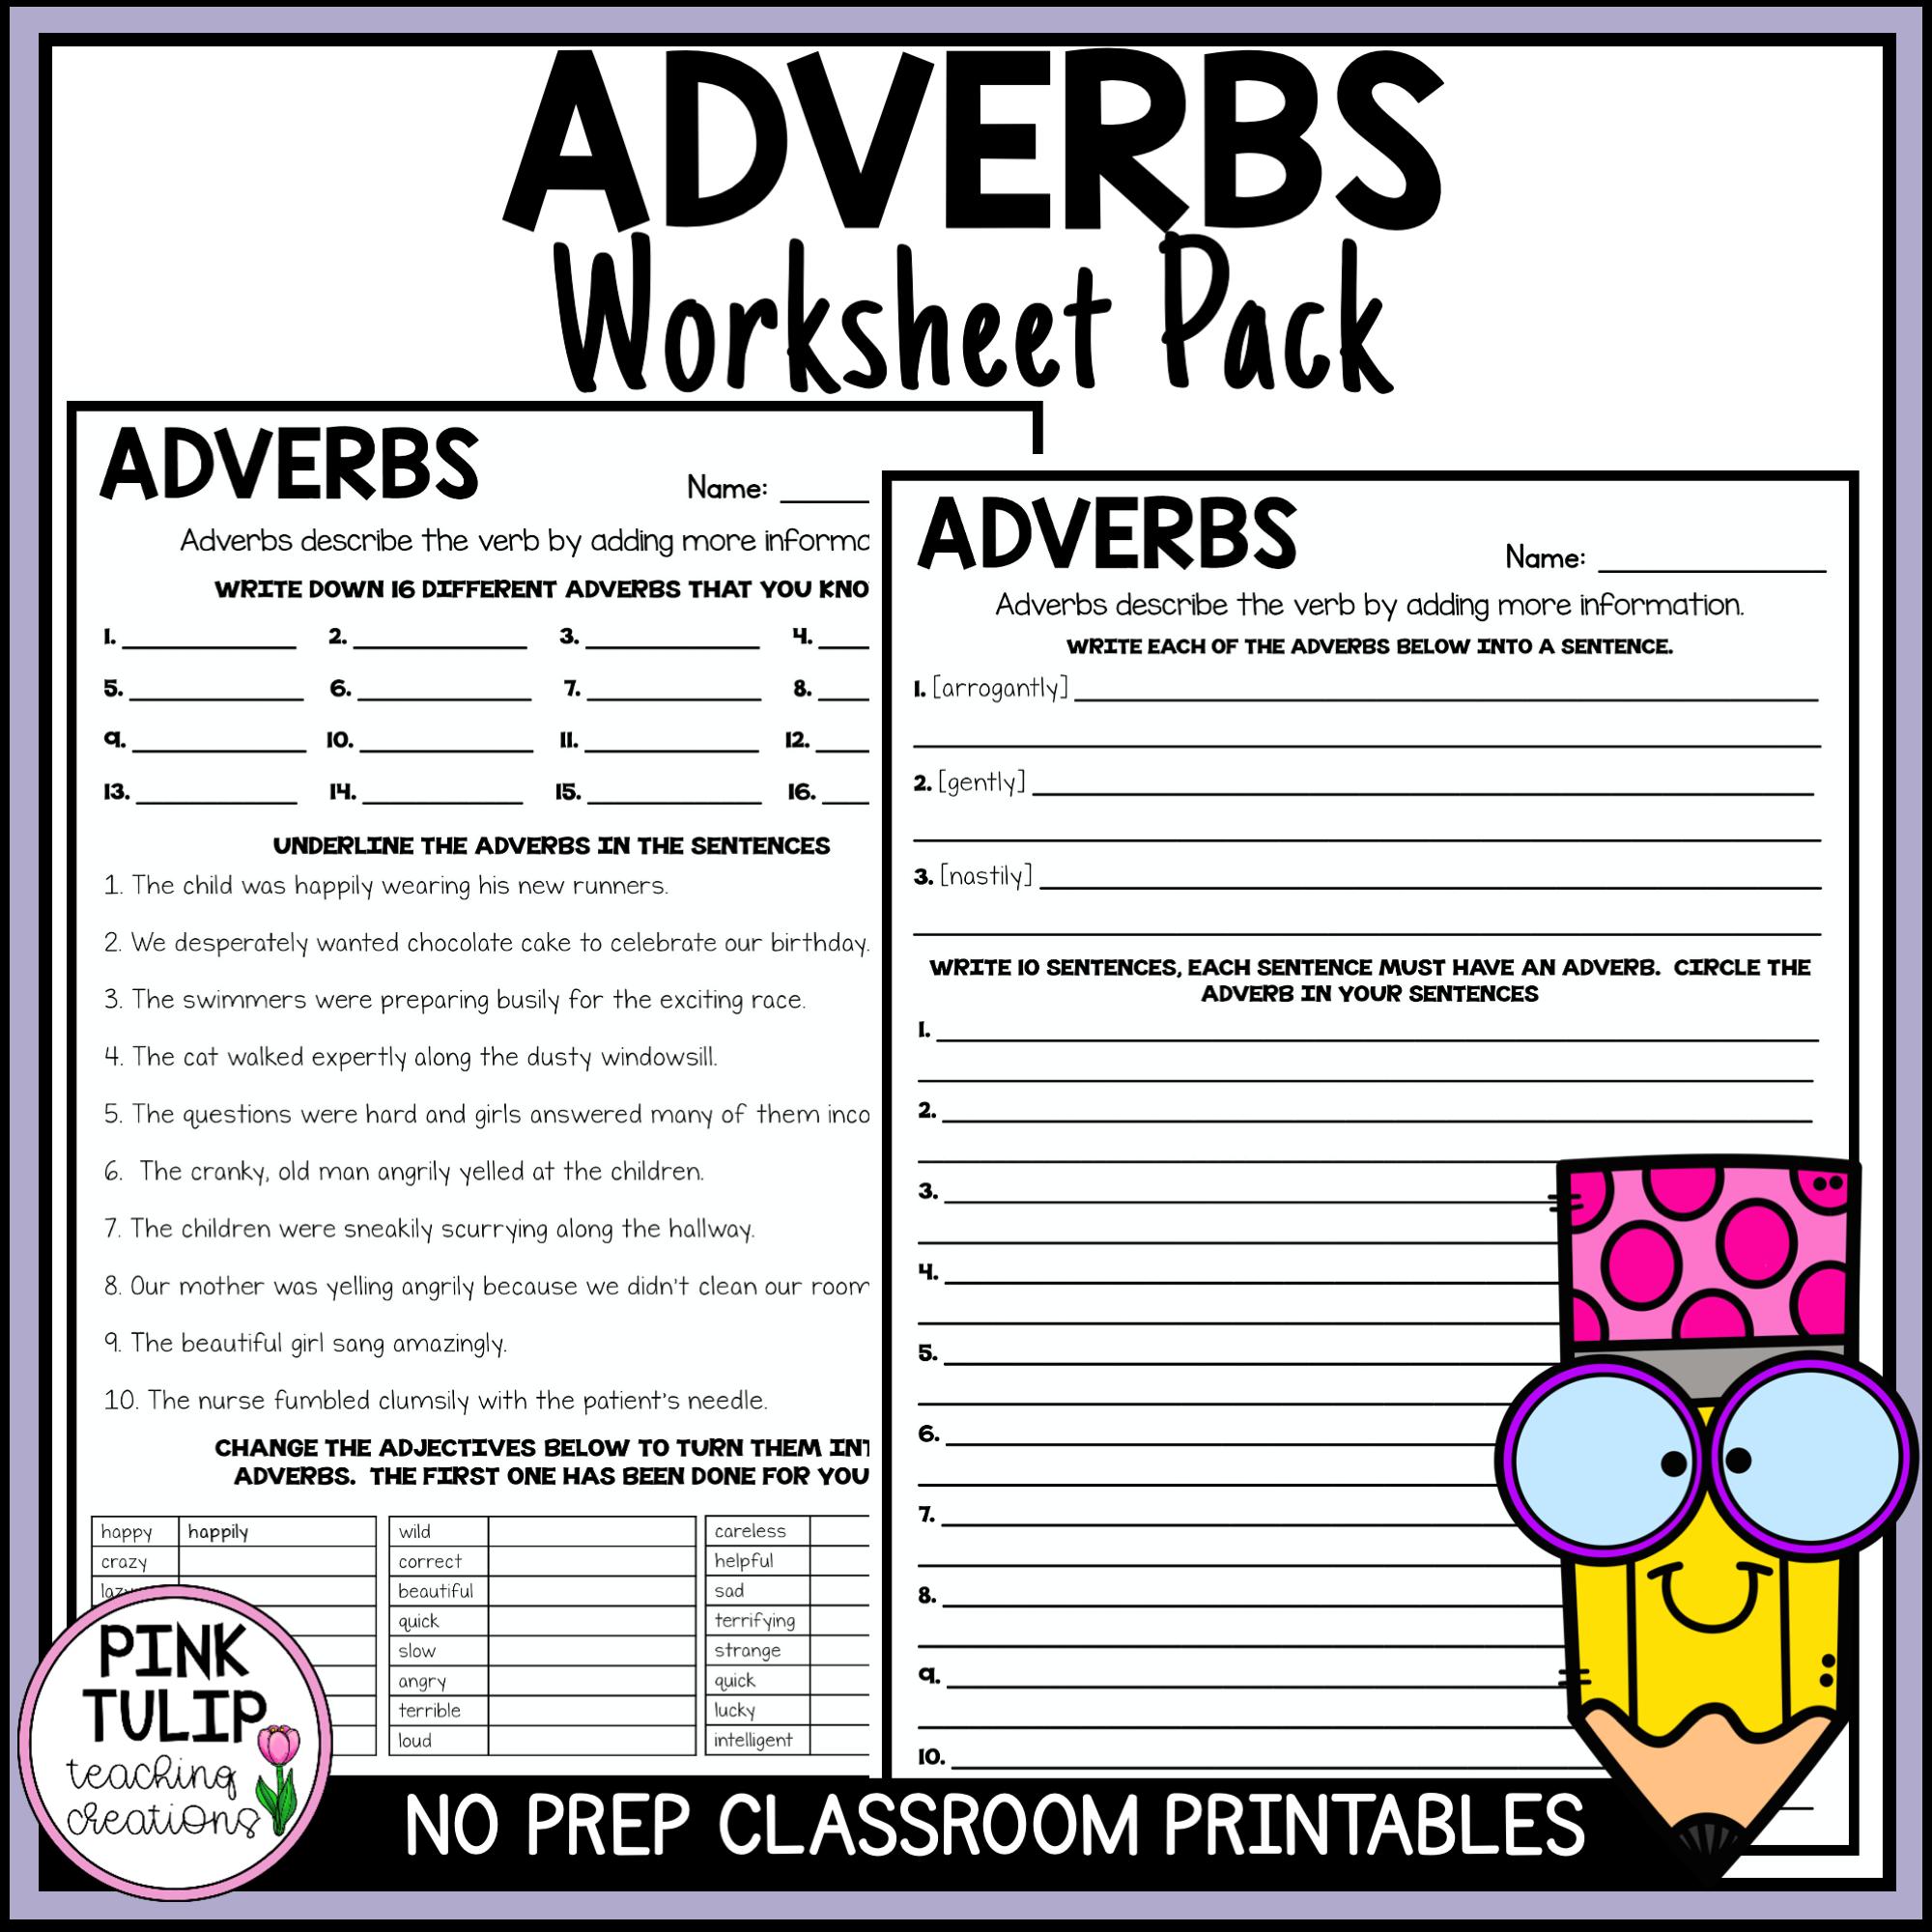 medium resolution of Understanding Adverbs Worksheets - No Prep Printables   Punctuation  worksheets